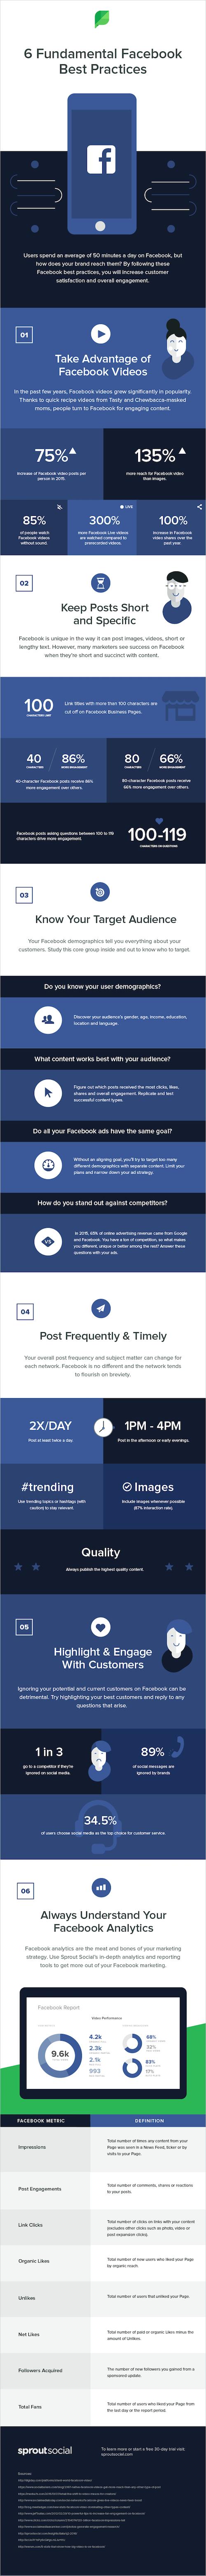 impact-contenus-facebook-2017